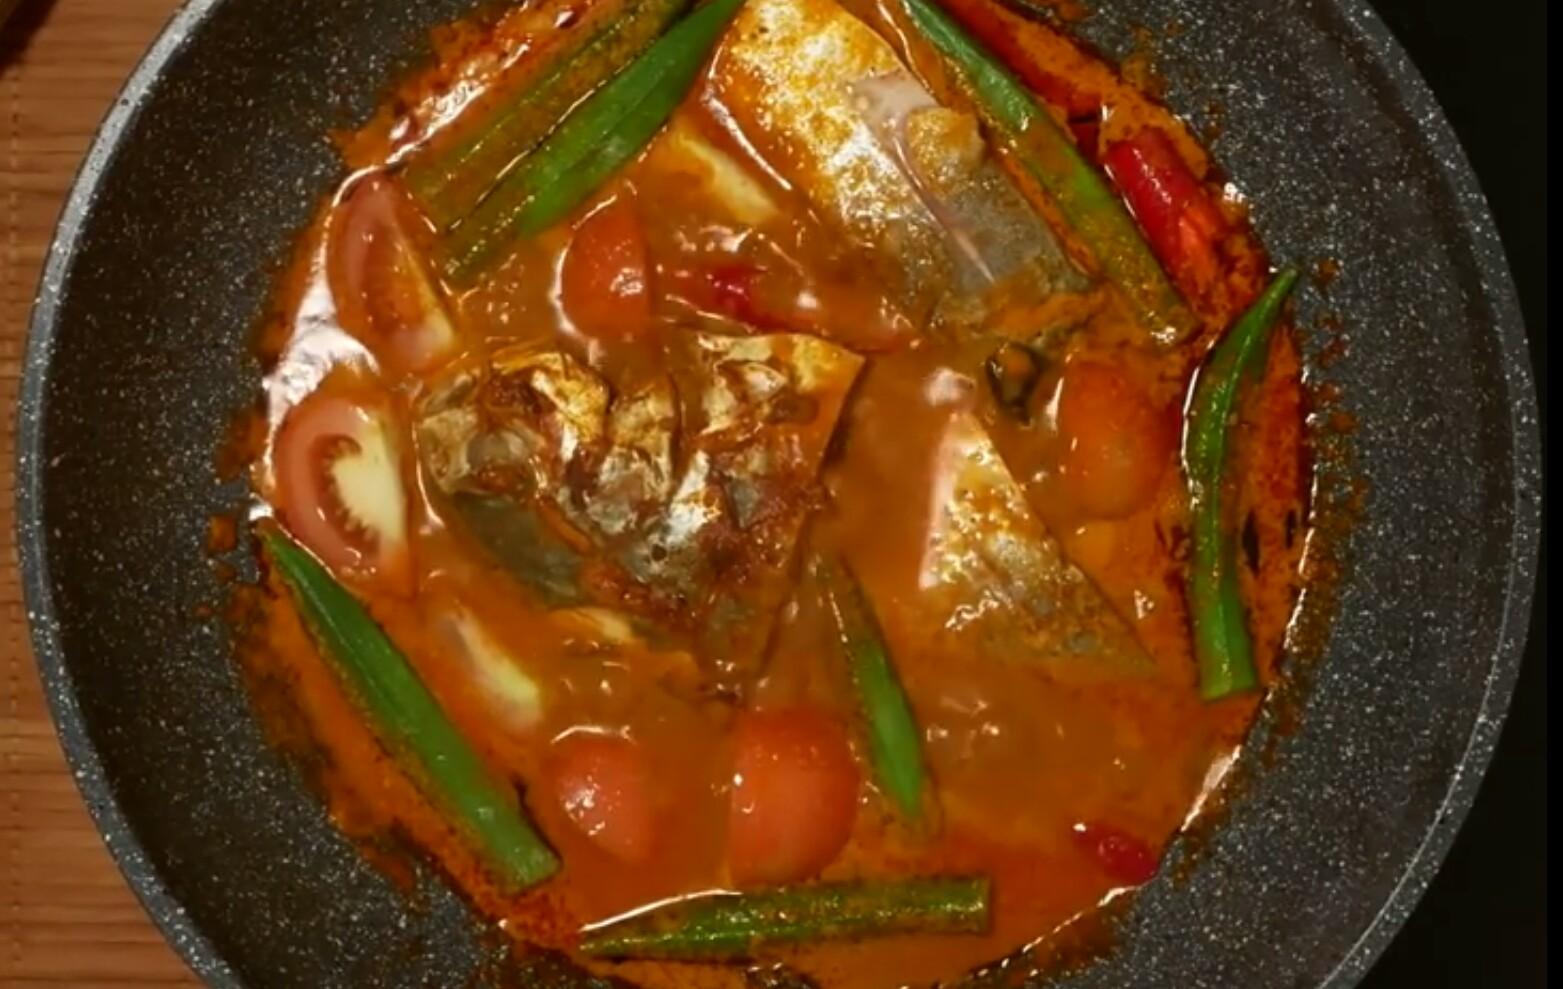 resepi kari ikan bawal sedap Resepi Ayam Sambal Merah Enak dan Mudah